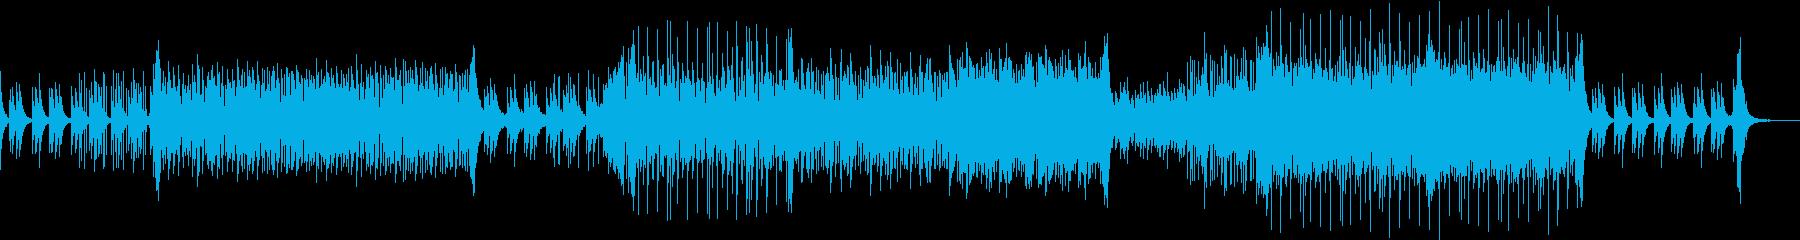 落ち着いた雰囲気のトロピカルハウスの再生済みの波形